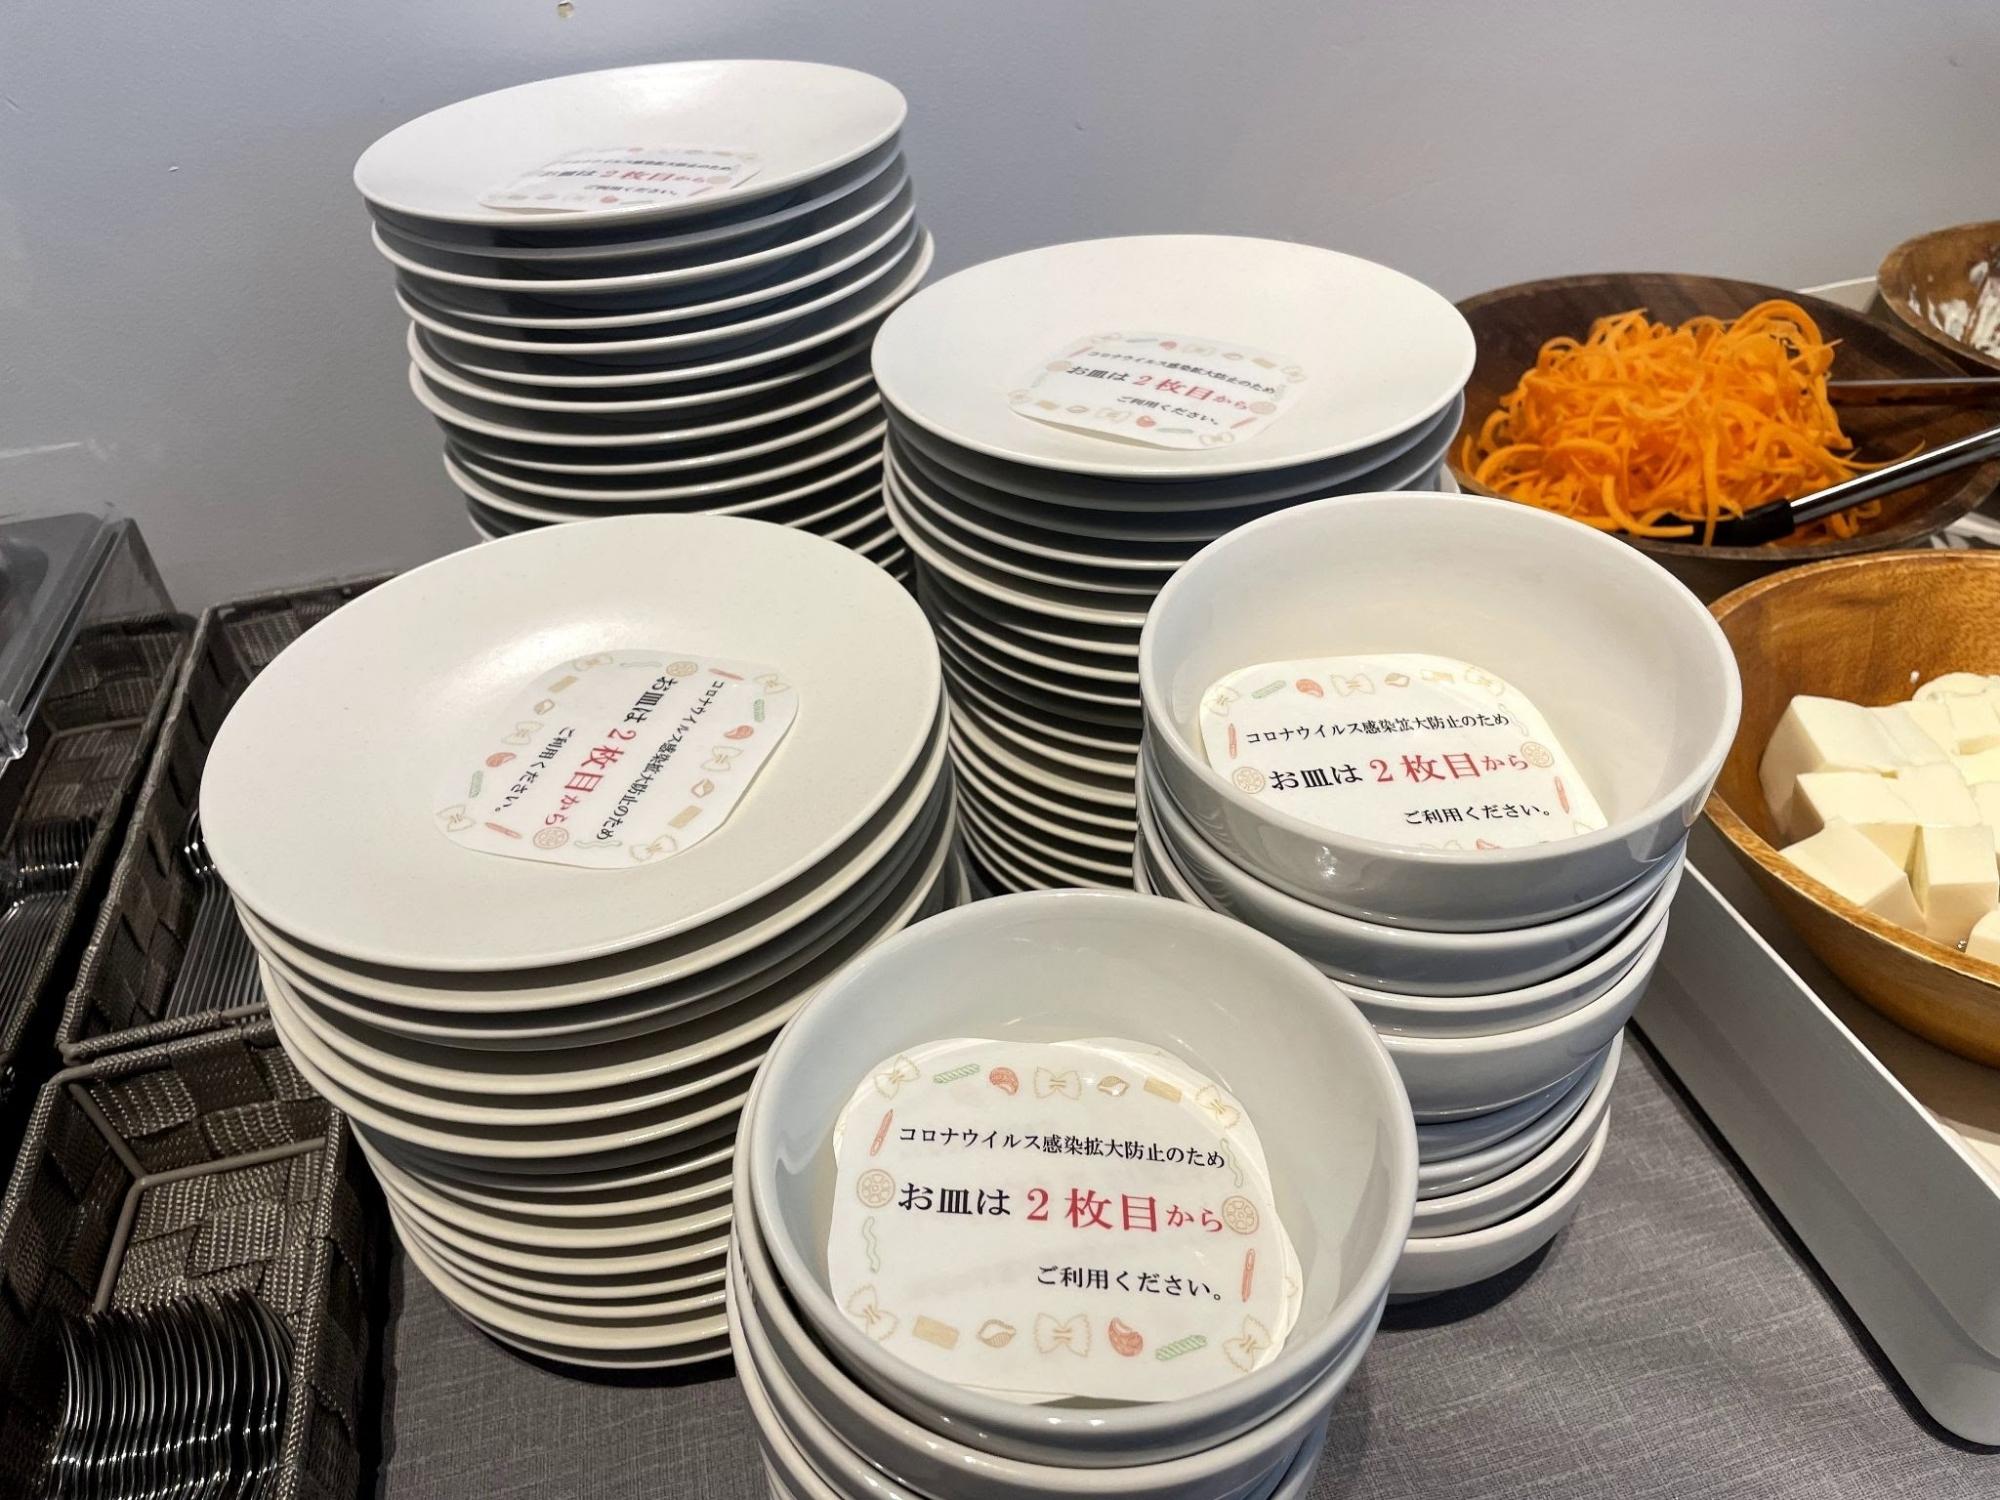 重ねたお皿は2枚目から使用